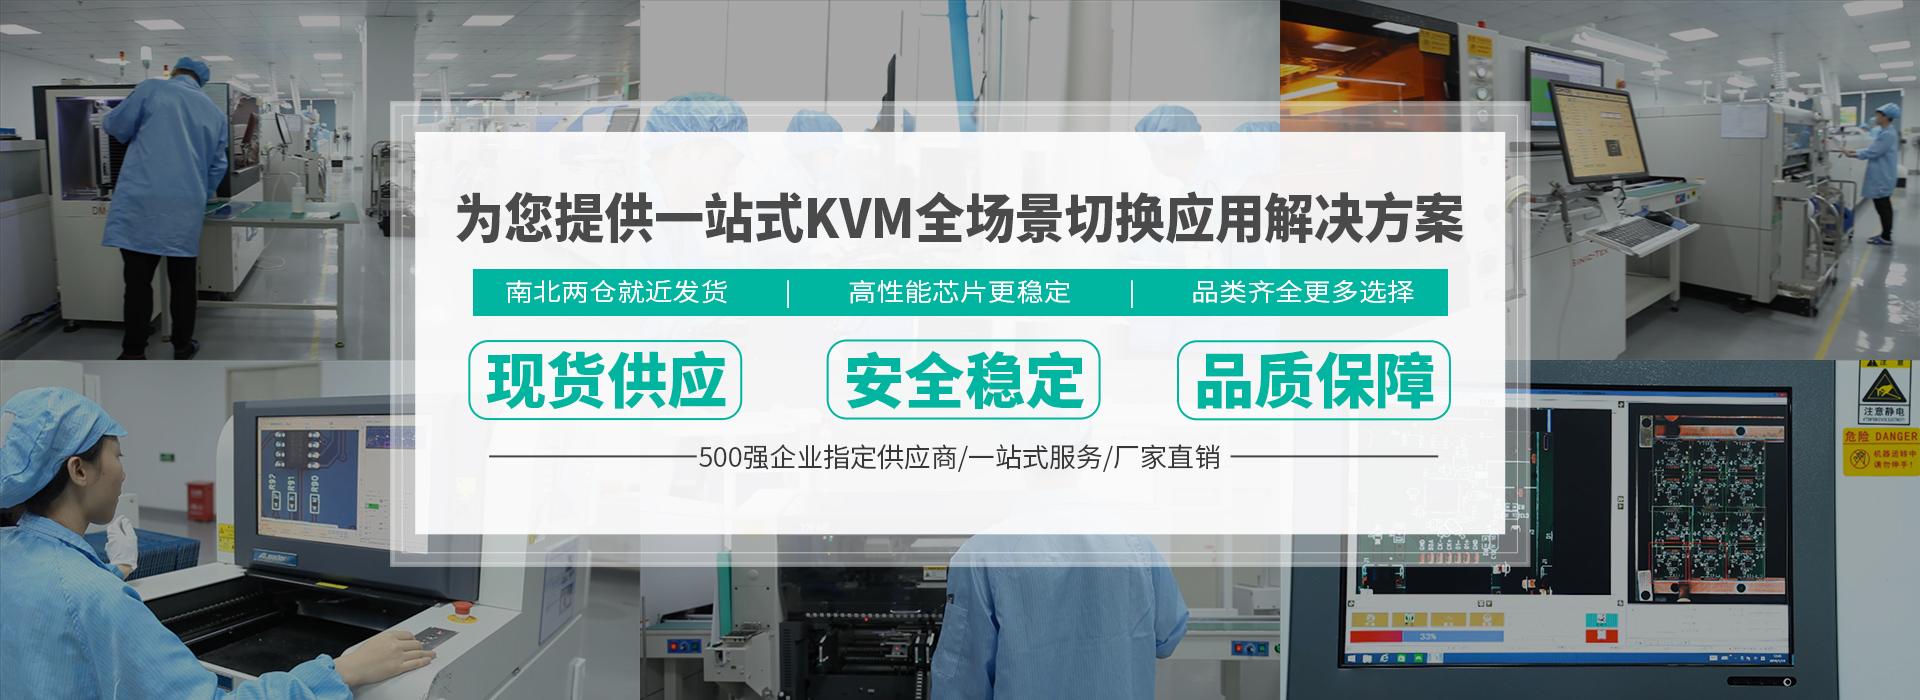 KVM切换器品牌-胜为与你同行